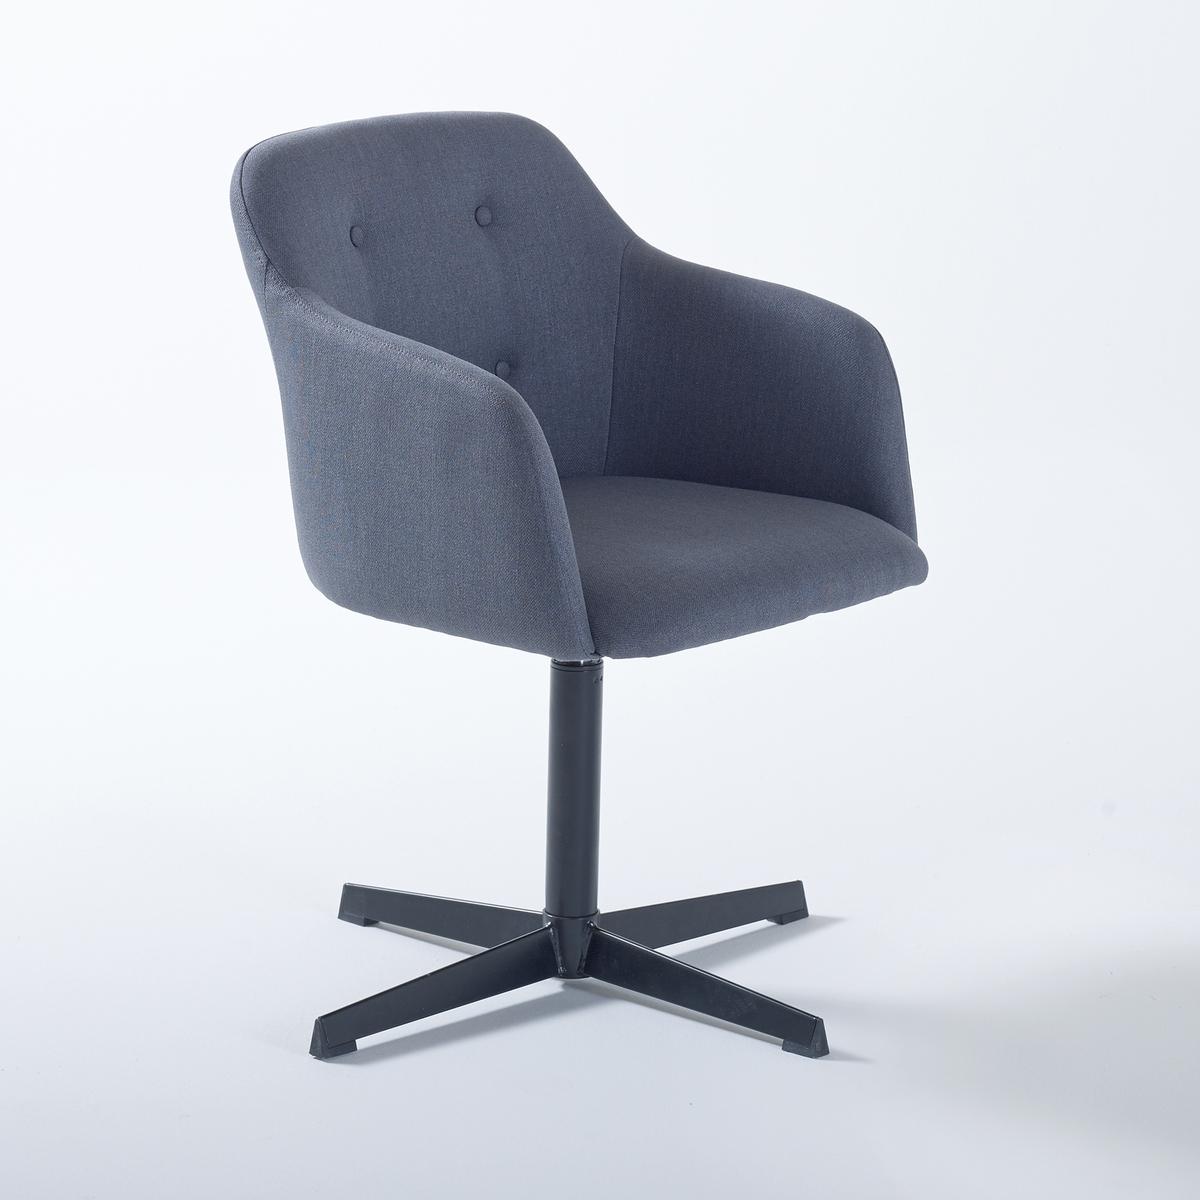 Кресло офисное поворотное NumaКресло офисное поворотное Numa. Эргономичной формой, мягким сиденьем и стёганой подкладкой на спинке Numa обеспечивает высококлассный дизайн.Характеристики кресла офисного Numa :Сидение поворотное, не регулируется по высоте .Сиденье и спинка из 100% полиэстера.Прокладка пористая из полиуретана.Ножки с перекрестием из стали с эпоксидным покрытием чёрного цвета.Все стулья и кресла офисные Вы найдёте на сайте laredoute.ruРазмеры кресла офисного Numa :ОбщиеШирина : 64,5 смВысота : 79 смГлубина : 67,5 см.Сиденье : длина 41 x высота 45 x глубина 43,5 смНожки : В.32 смОснование : ?64,5 смРазмеры и вес упаковки :1 упаковкаДлина 62 x высота 53,5 x глубина 58,5 см11 кг.Доставка :Ваше кресло офисное поворотное Numa продаётся в сборе. Возможна доставка до квартиры !Внимание   ! Убедитесь, что товар возможно доставить на дом, учитывая его габариты (проходит в двери, по лестницам, в лифты).<br><br>Цвет: темно-серый<br>Размер: единый размер